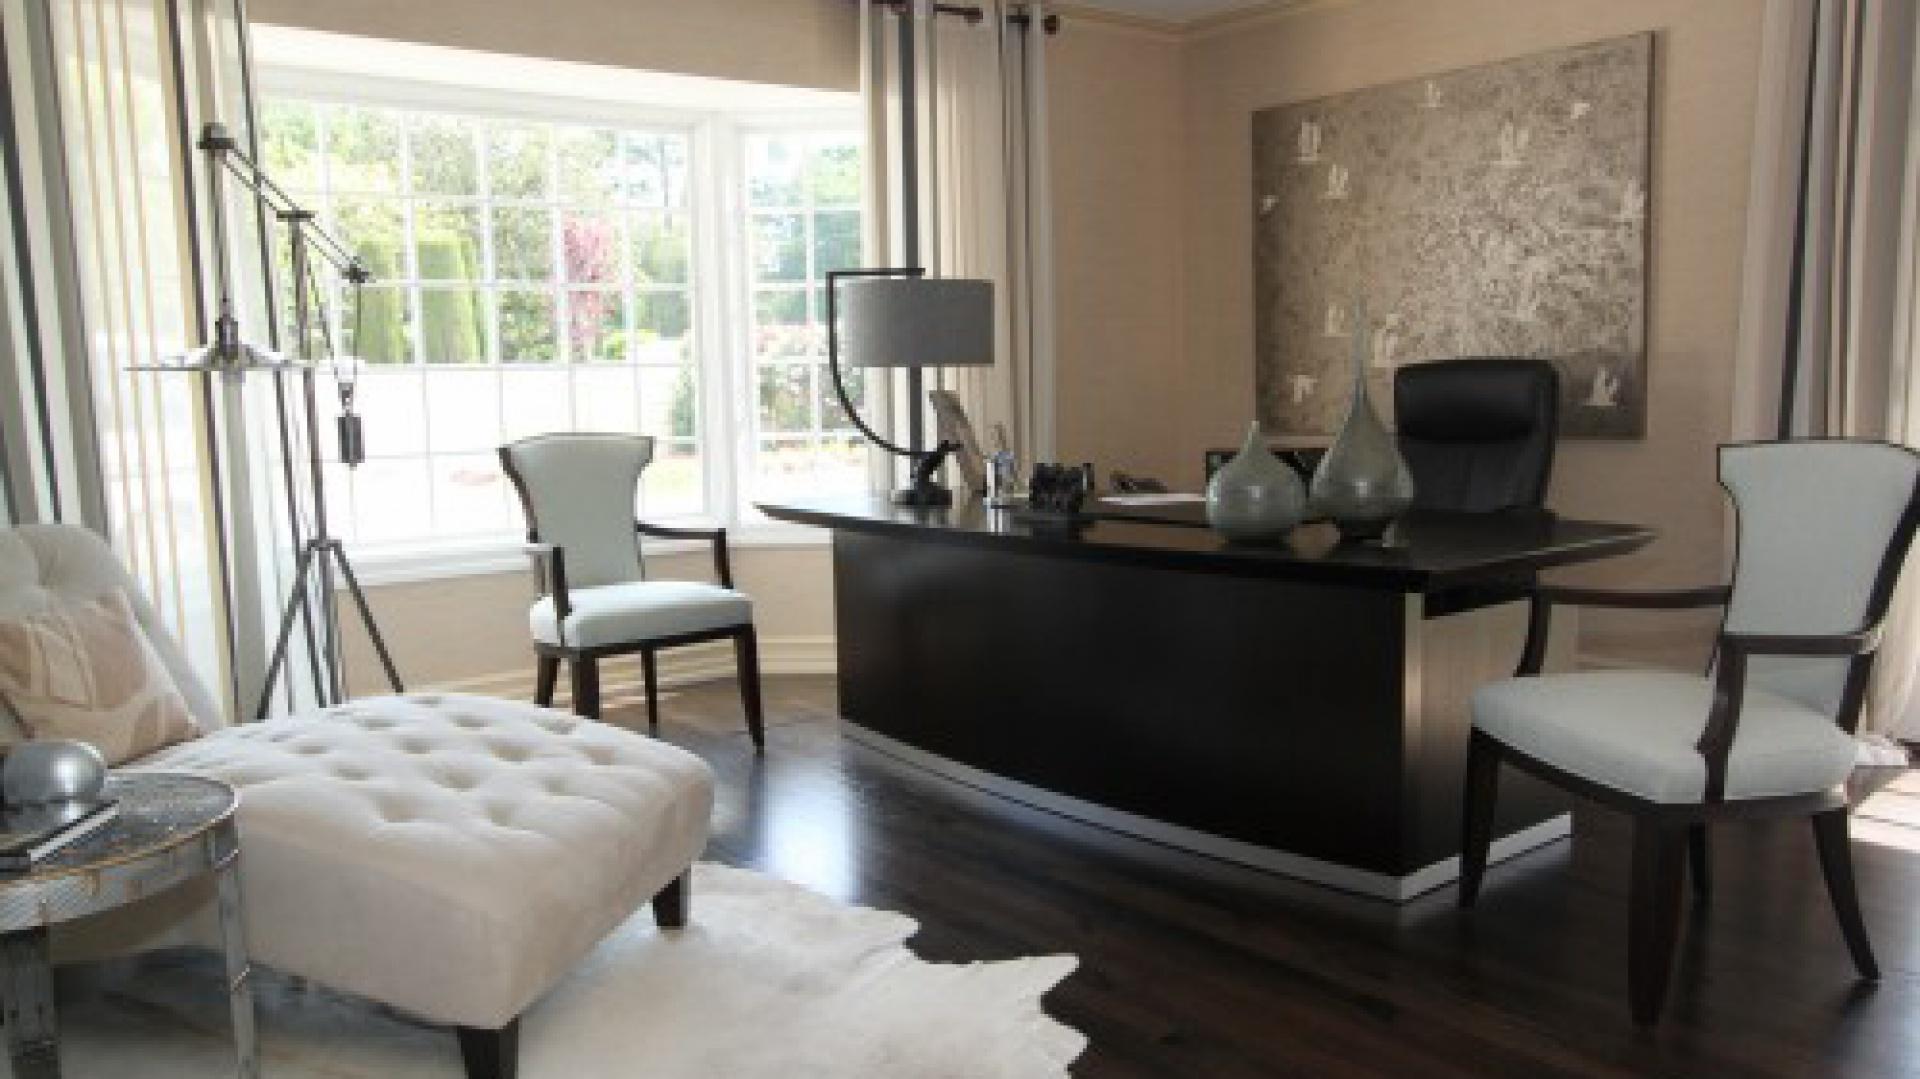 Każdy kto myśli o zakupie mieszkania zastanawia się jakie najlepiej kupić – nowe od dewelopera czy używane z rynku wtórnego. A jeśli rynek wtórny – to w bloku, kamienicy czy może w apartamentowcu? Fot. Flickr